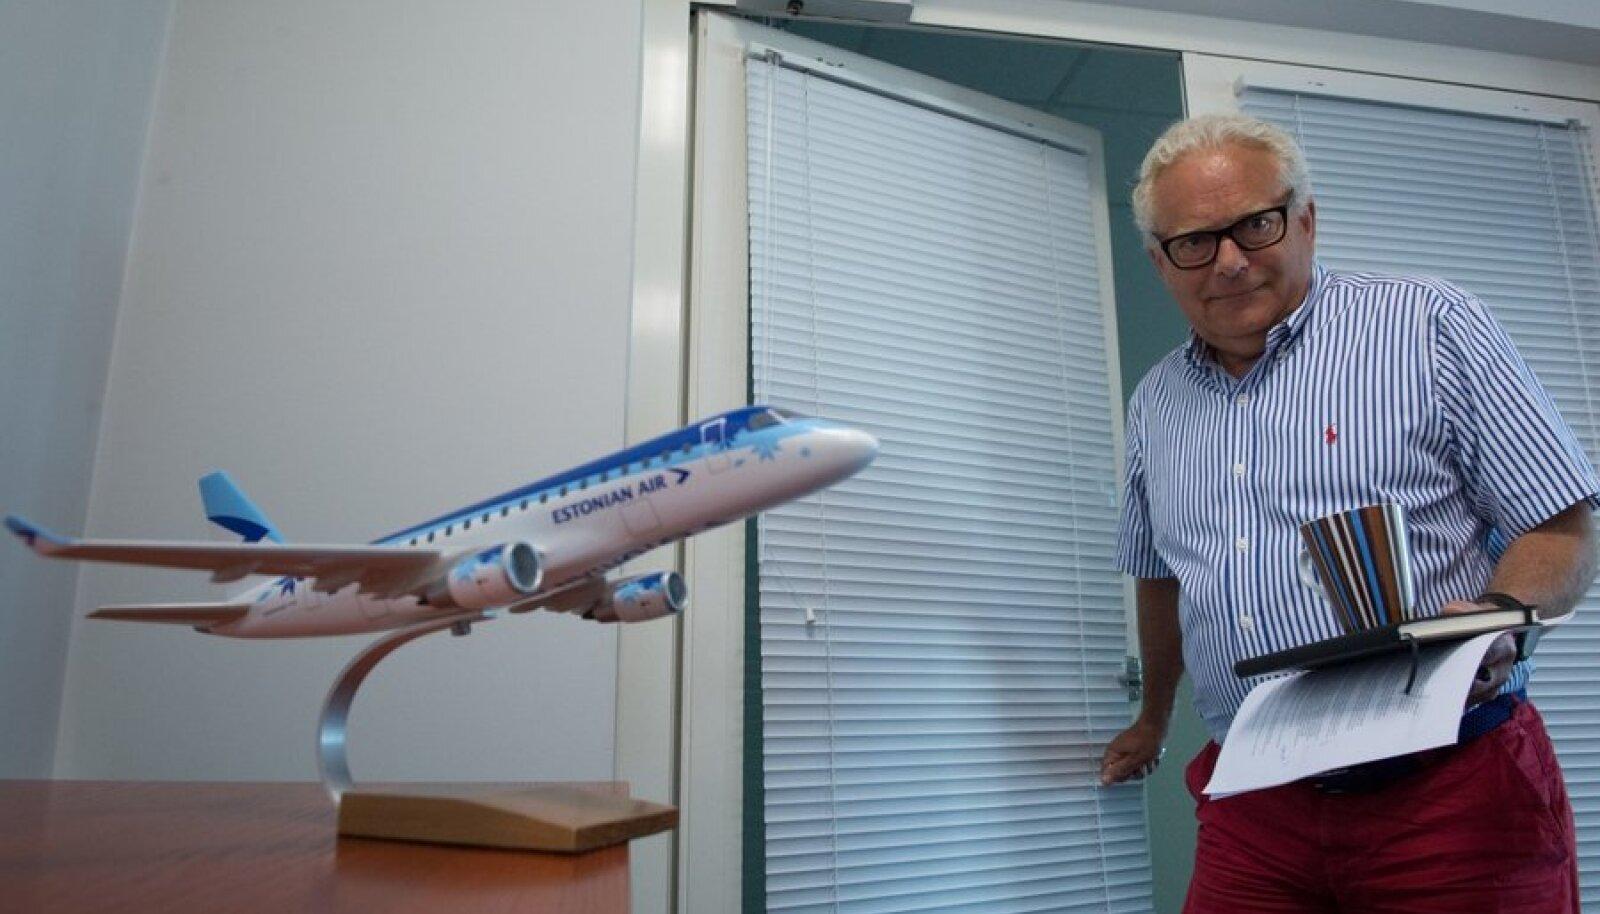 Estonian Airi juht Jan Palmér